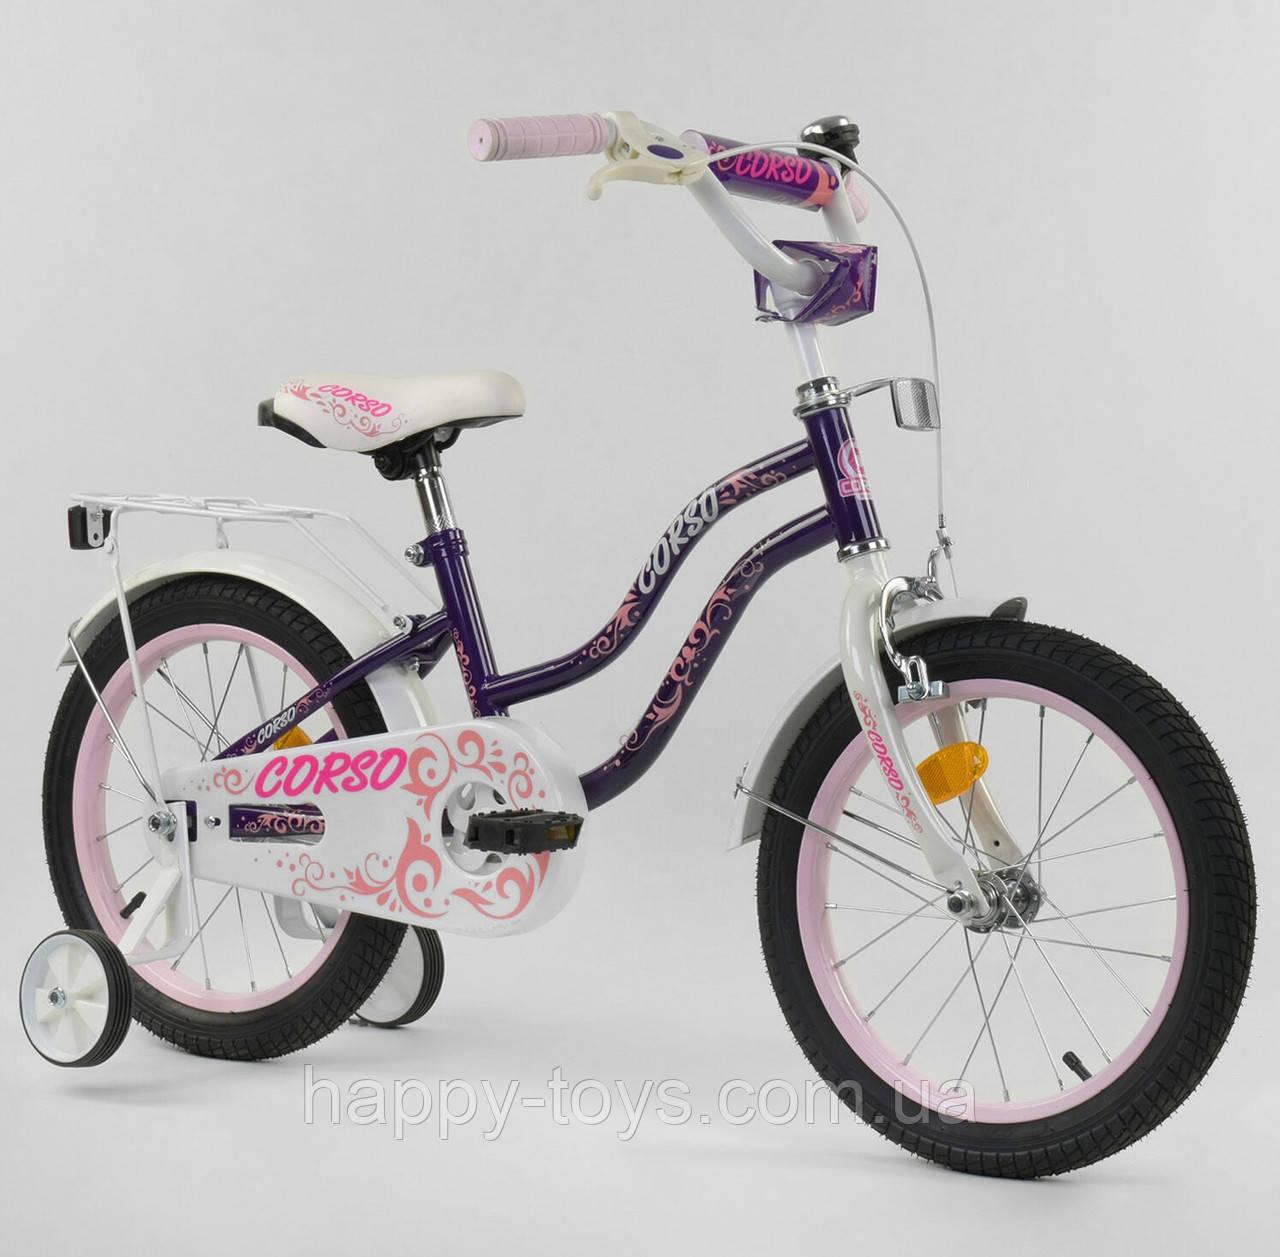 """Велосипед двухколёсный CORSO 16"""" ФИОЛЕТОВЫЙ, ручной тормоз, звоночек, доп. колеса, собранный на 75% Т-21255"""